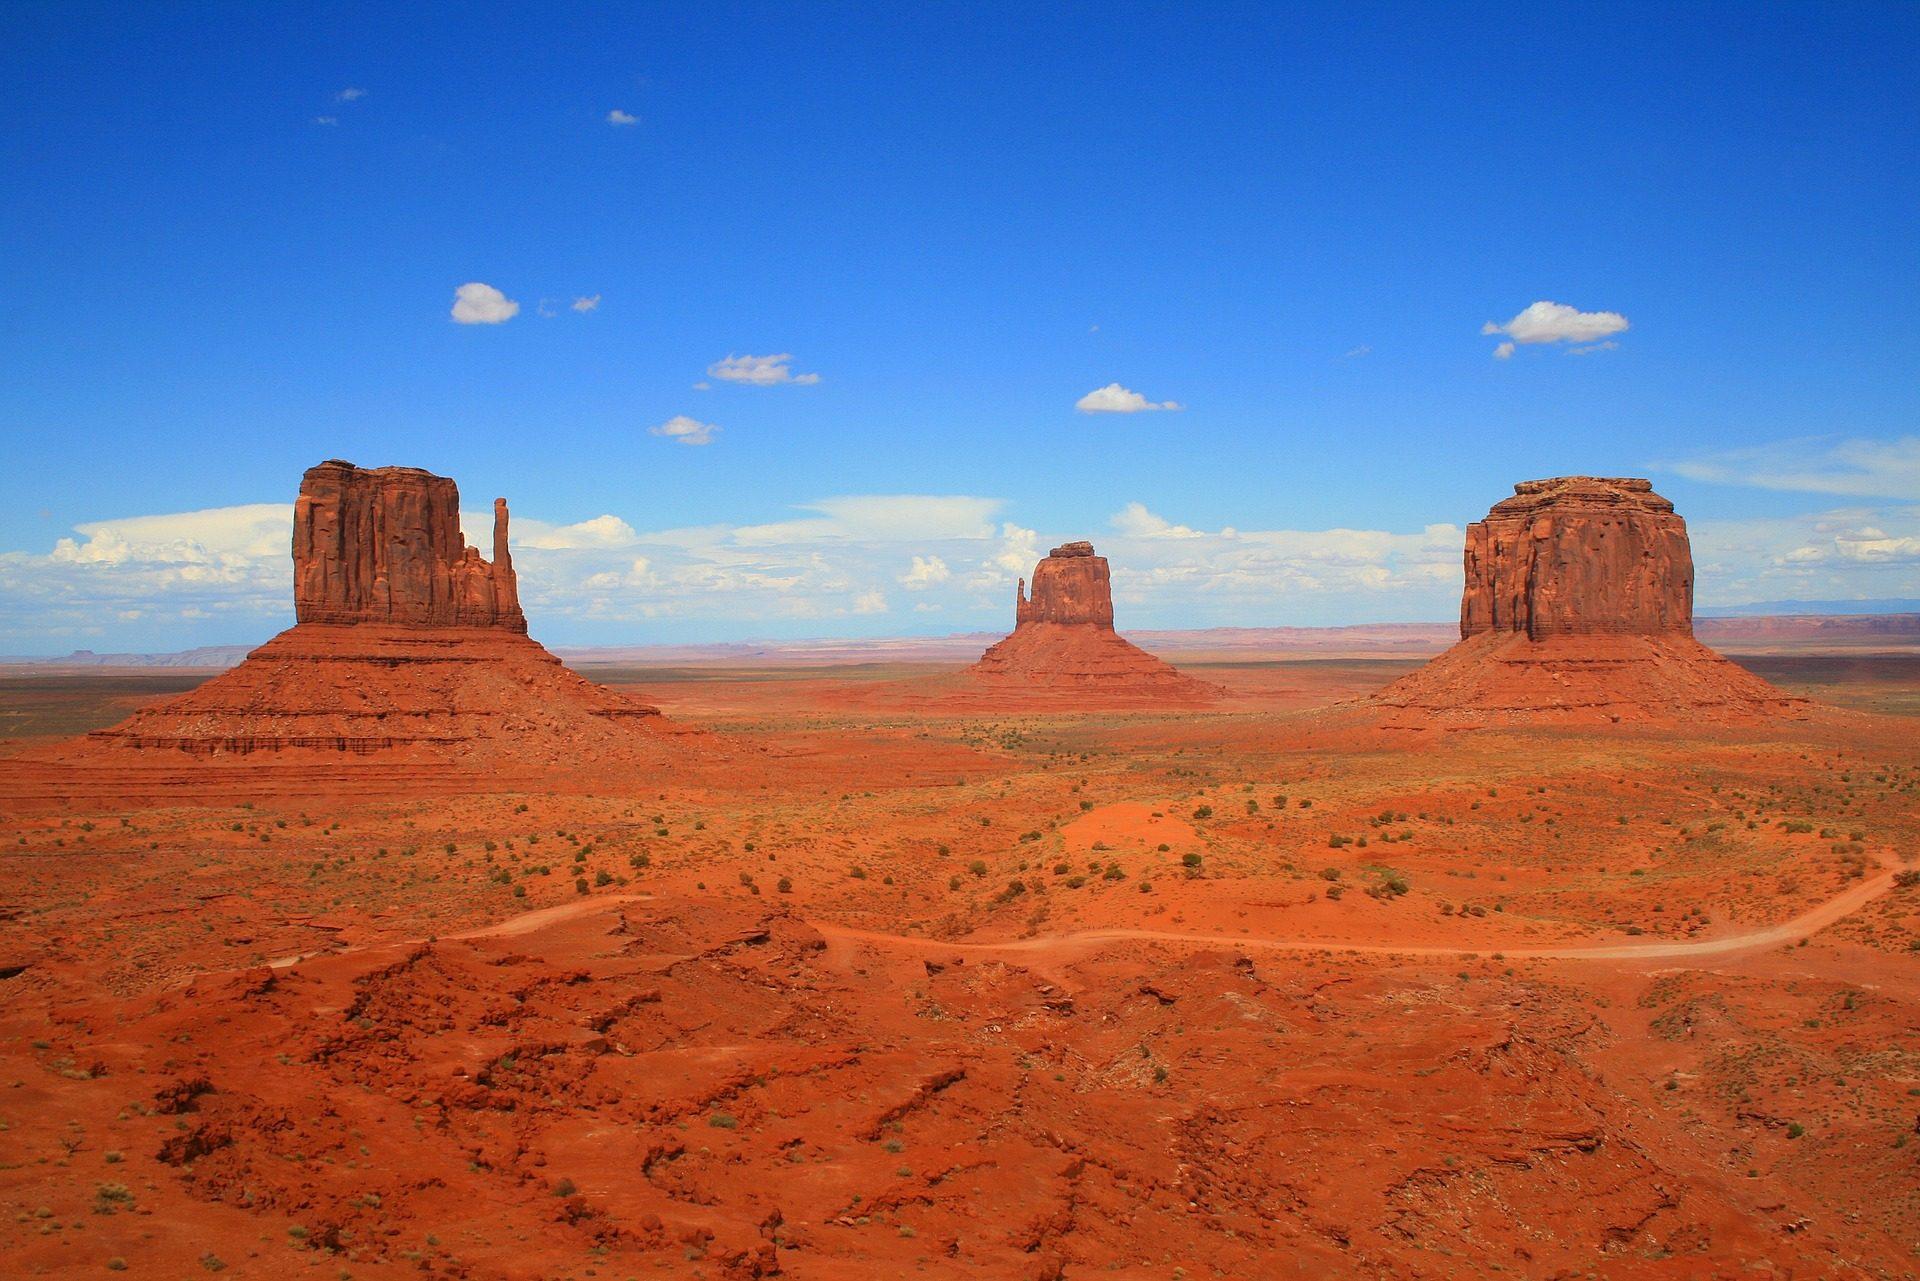 纪念碑谷, 沙漠, 亚利桑那州, 公园, 奥, 沙子 - 高清壁纸 - 教授-falken.com